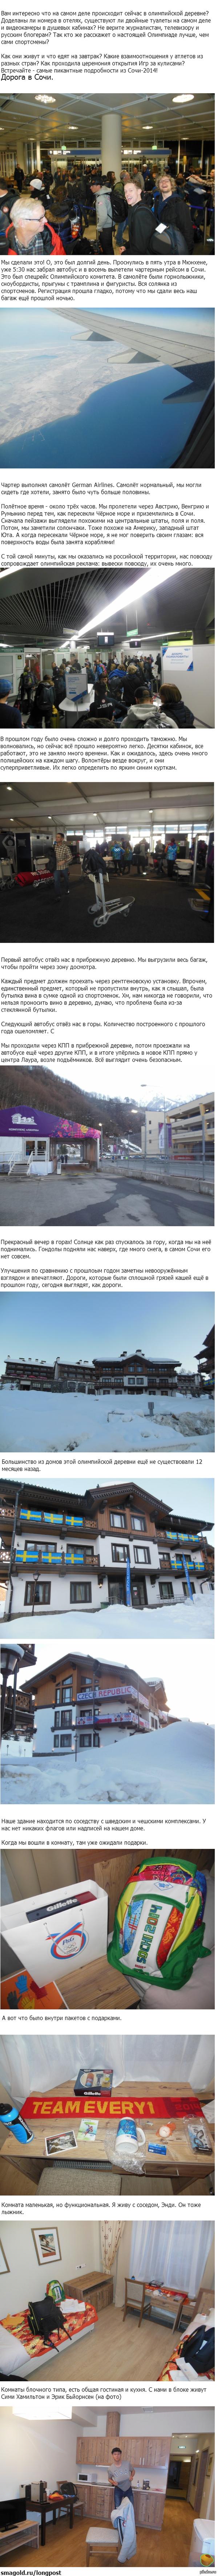 http://s6.pikabu.ru/post_img/2014/02/12/5/1392184844_1477614220.png